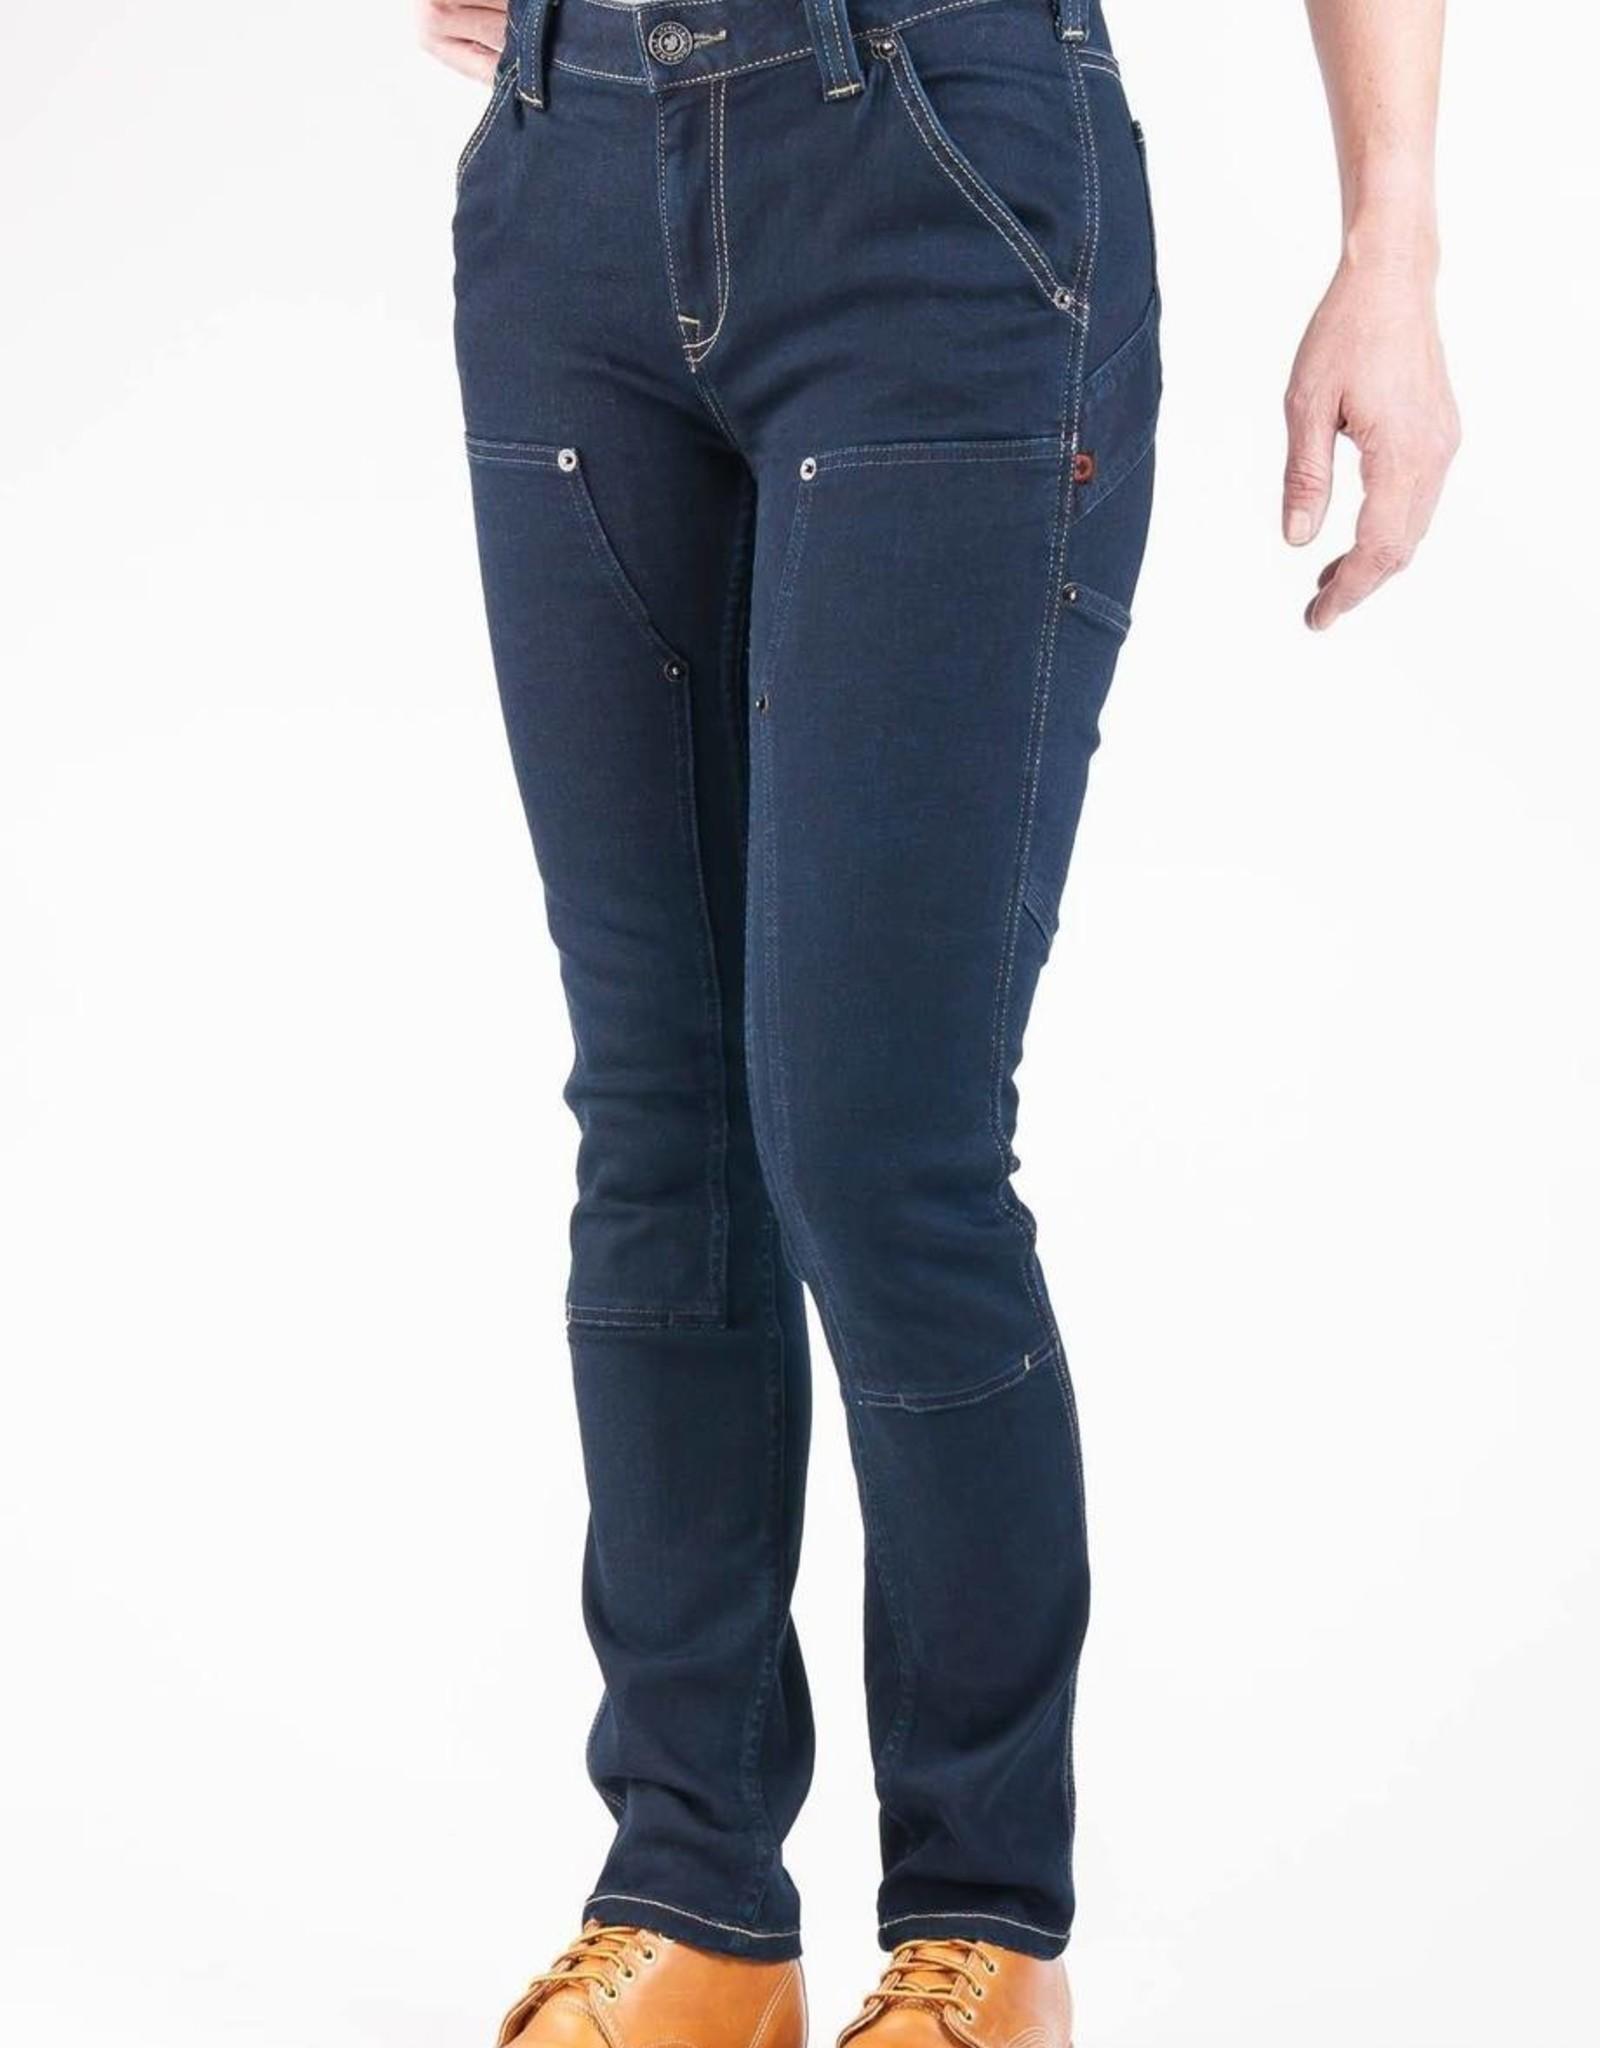 DOVETAIL Dovetail Womens Workwear Maven Pant - Indigo